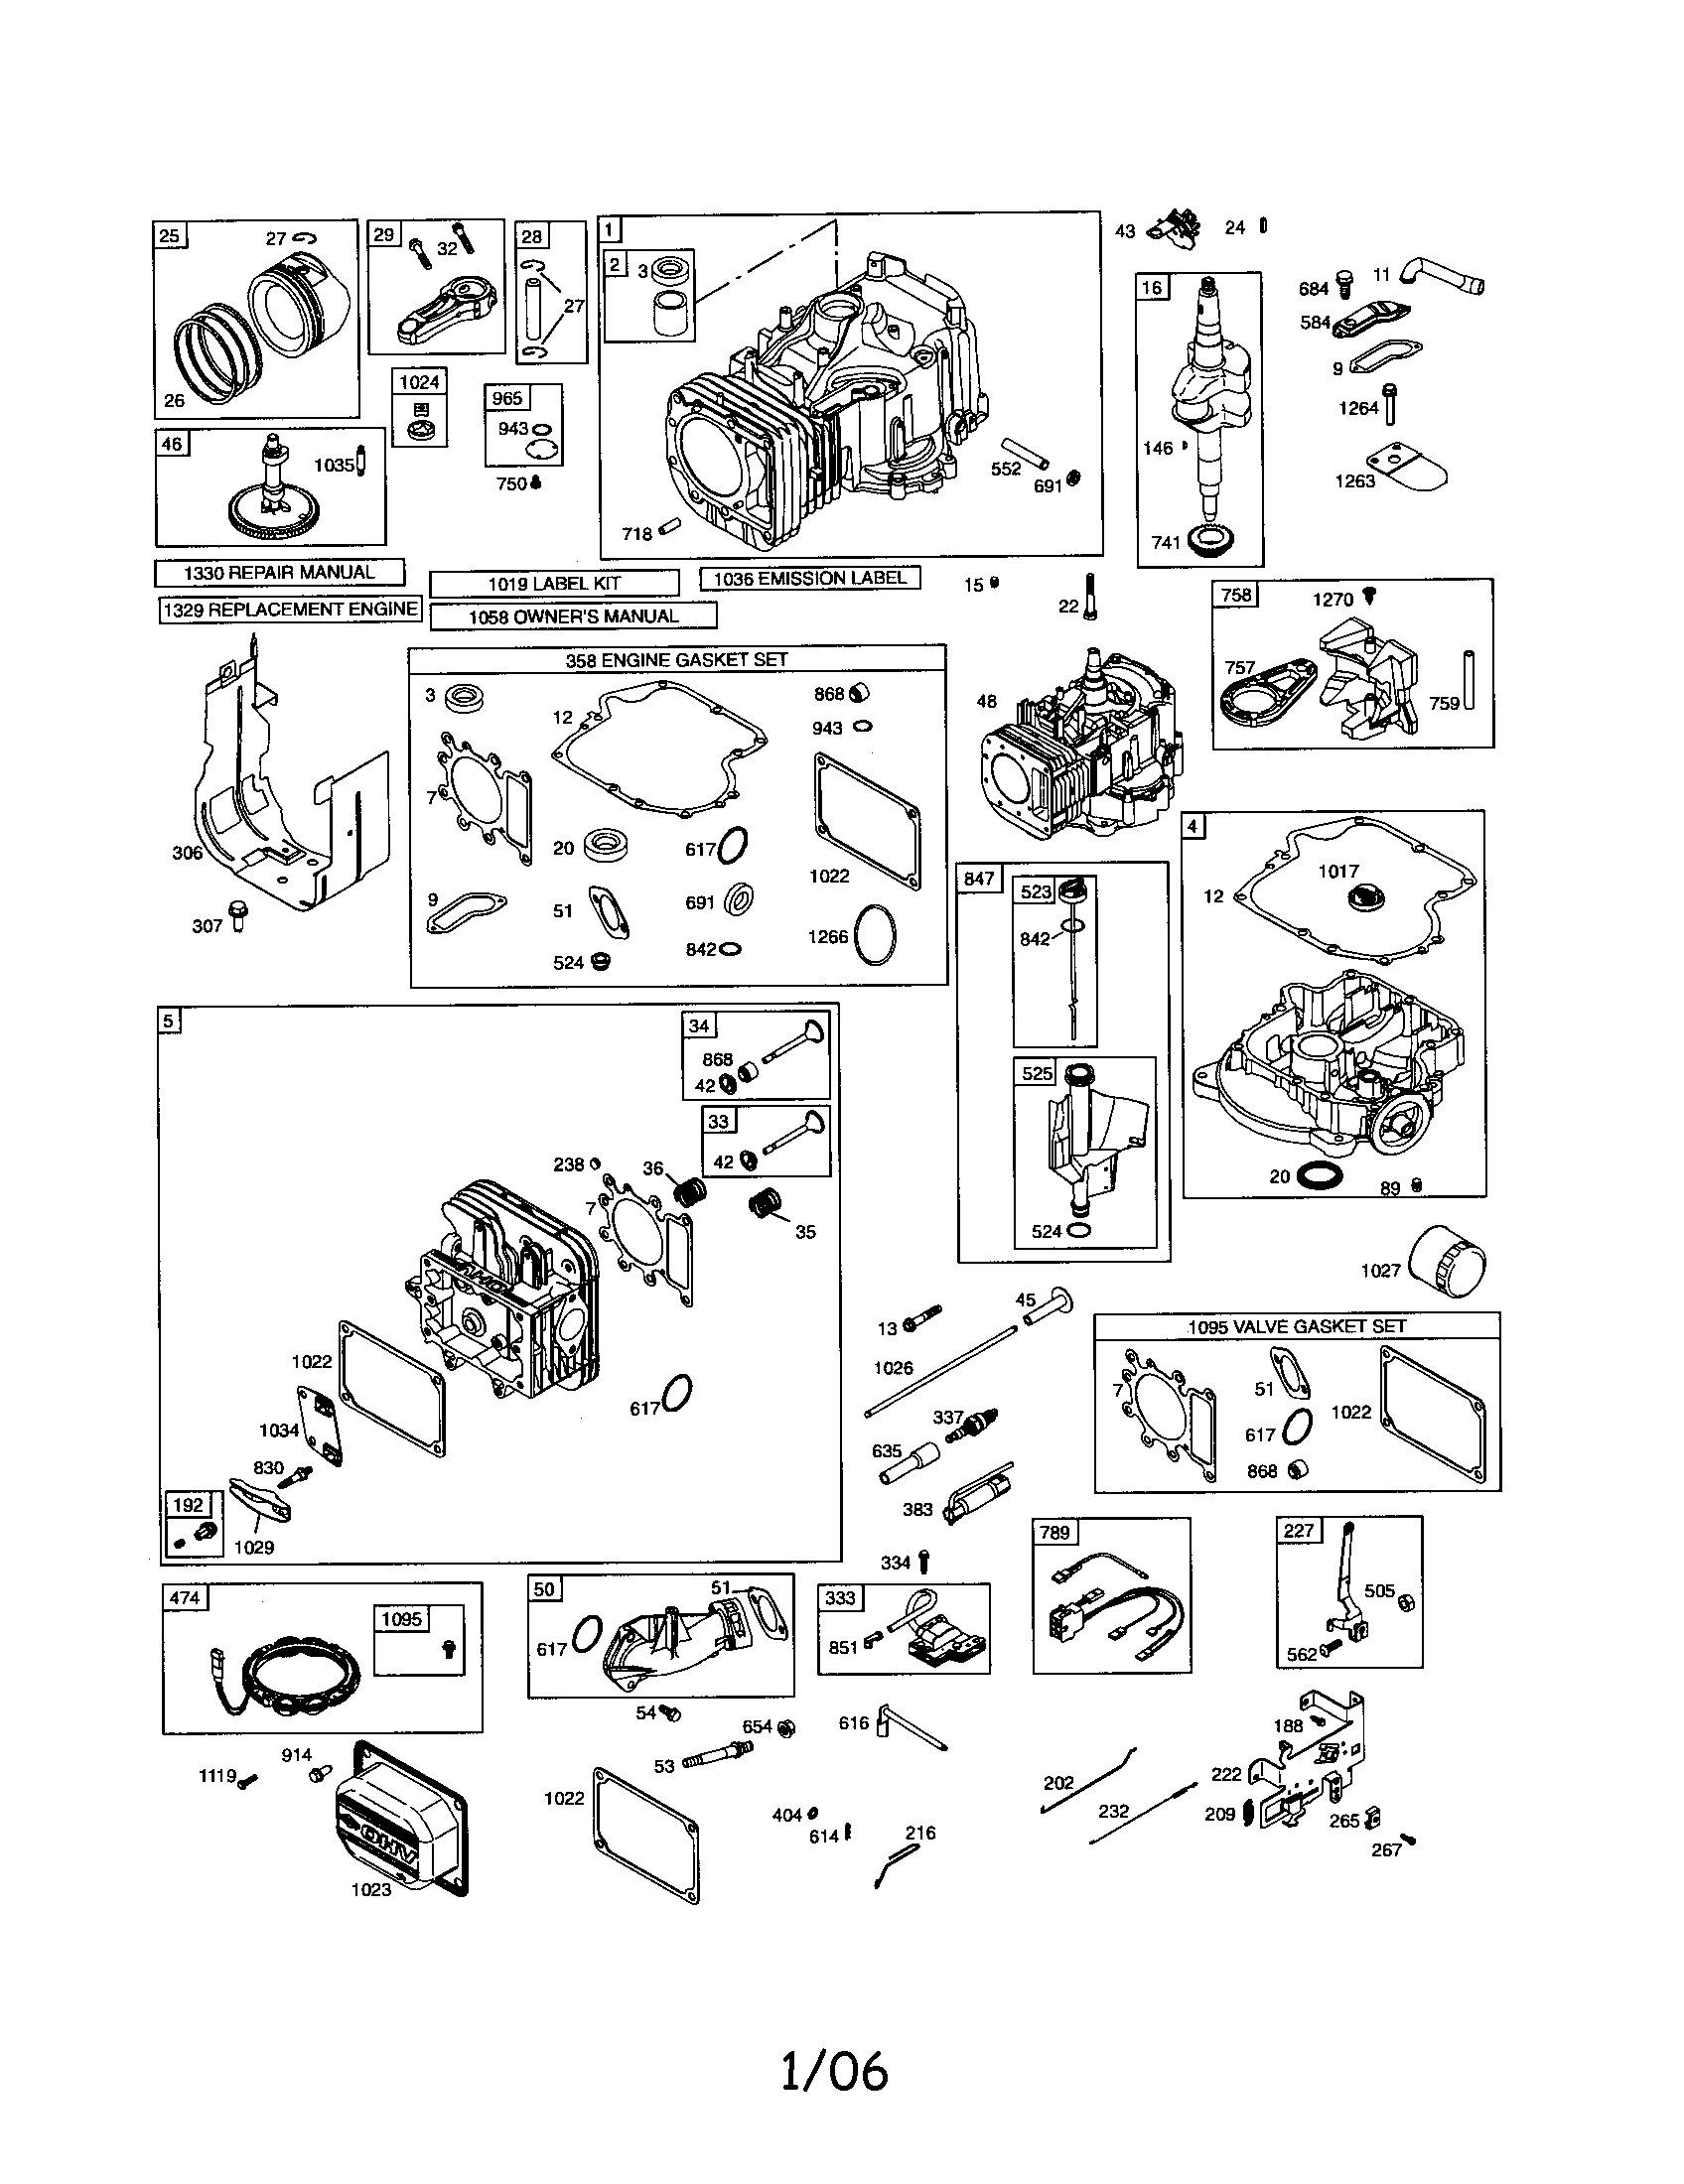 17.5 Intek Parts Diagram Craftsman Front Engine Lawn Tractor Parts Of 17.5 Intek Parts Diagram